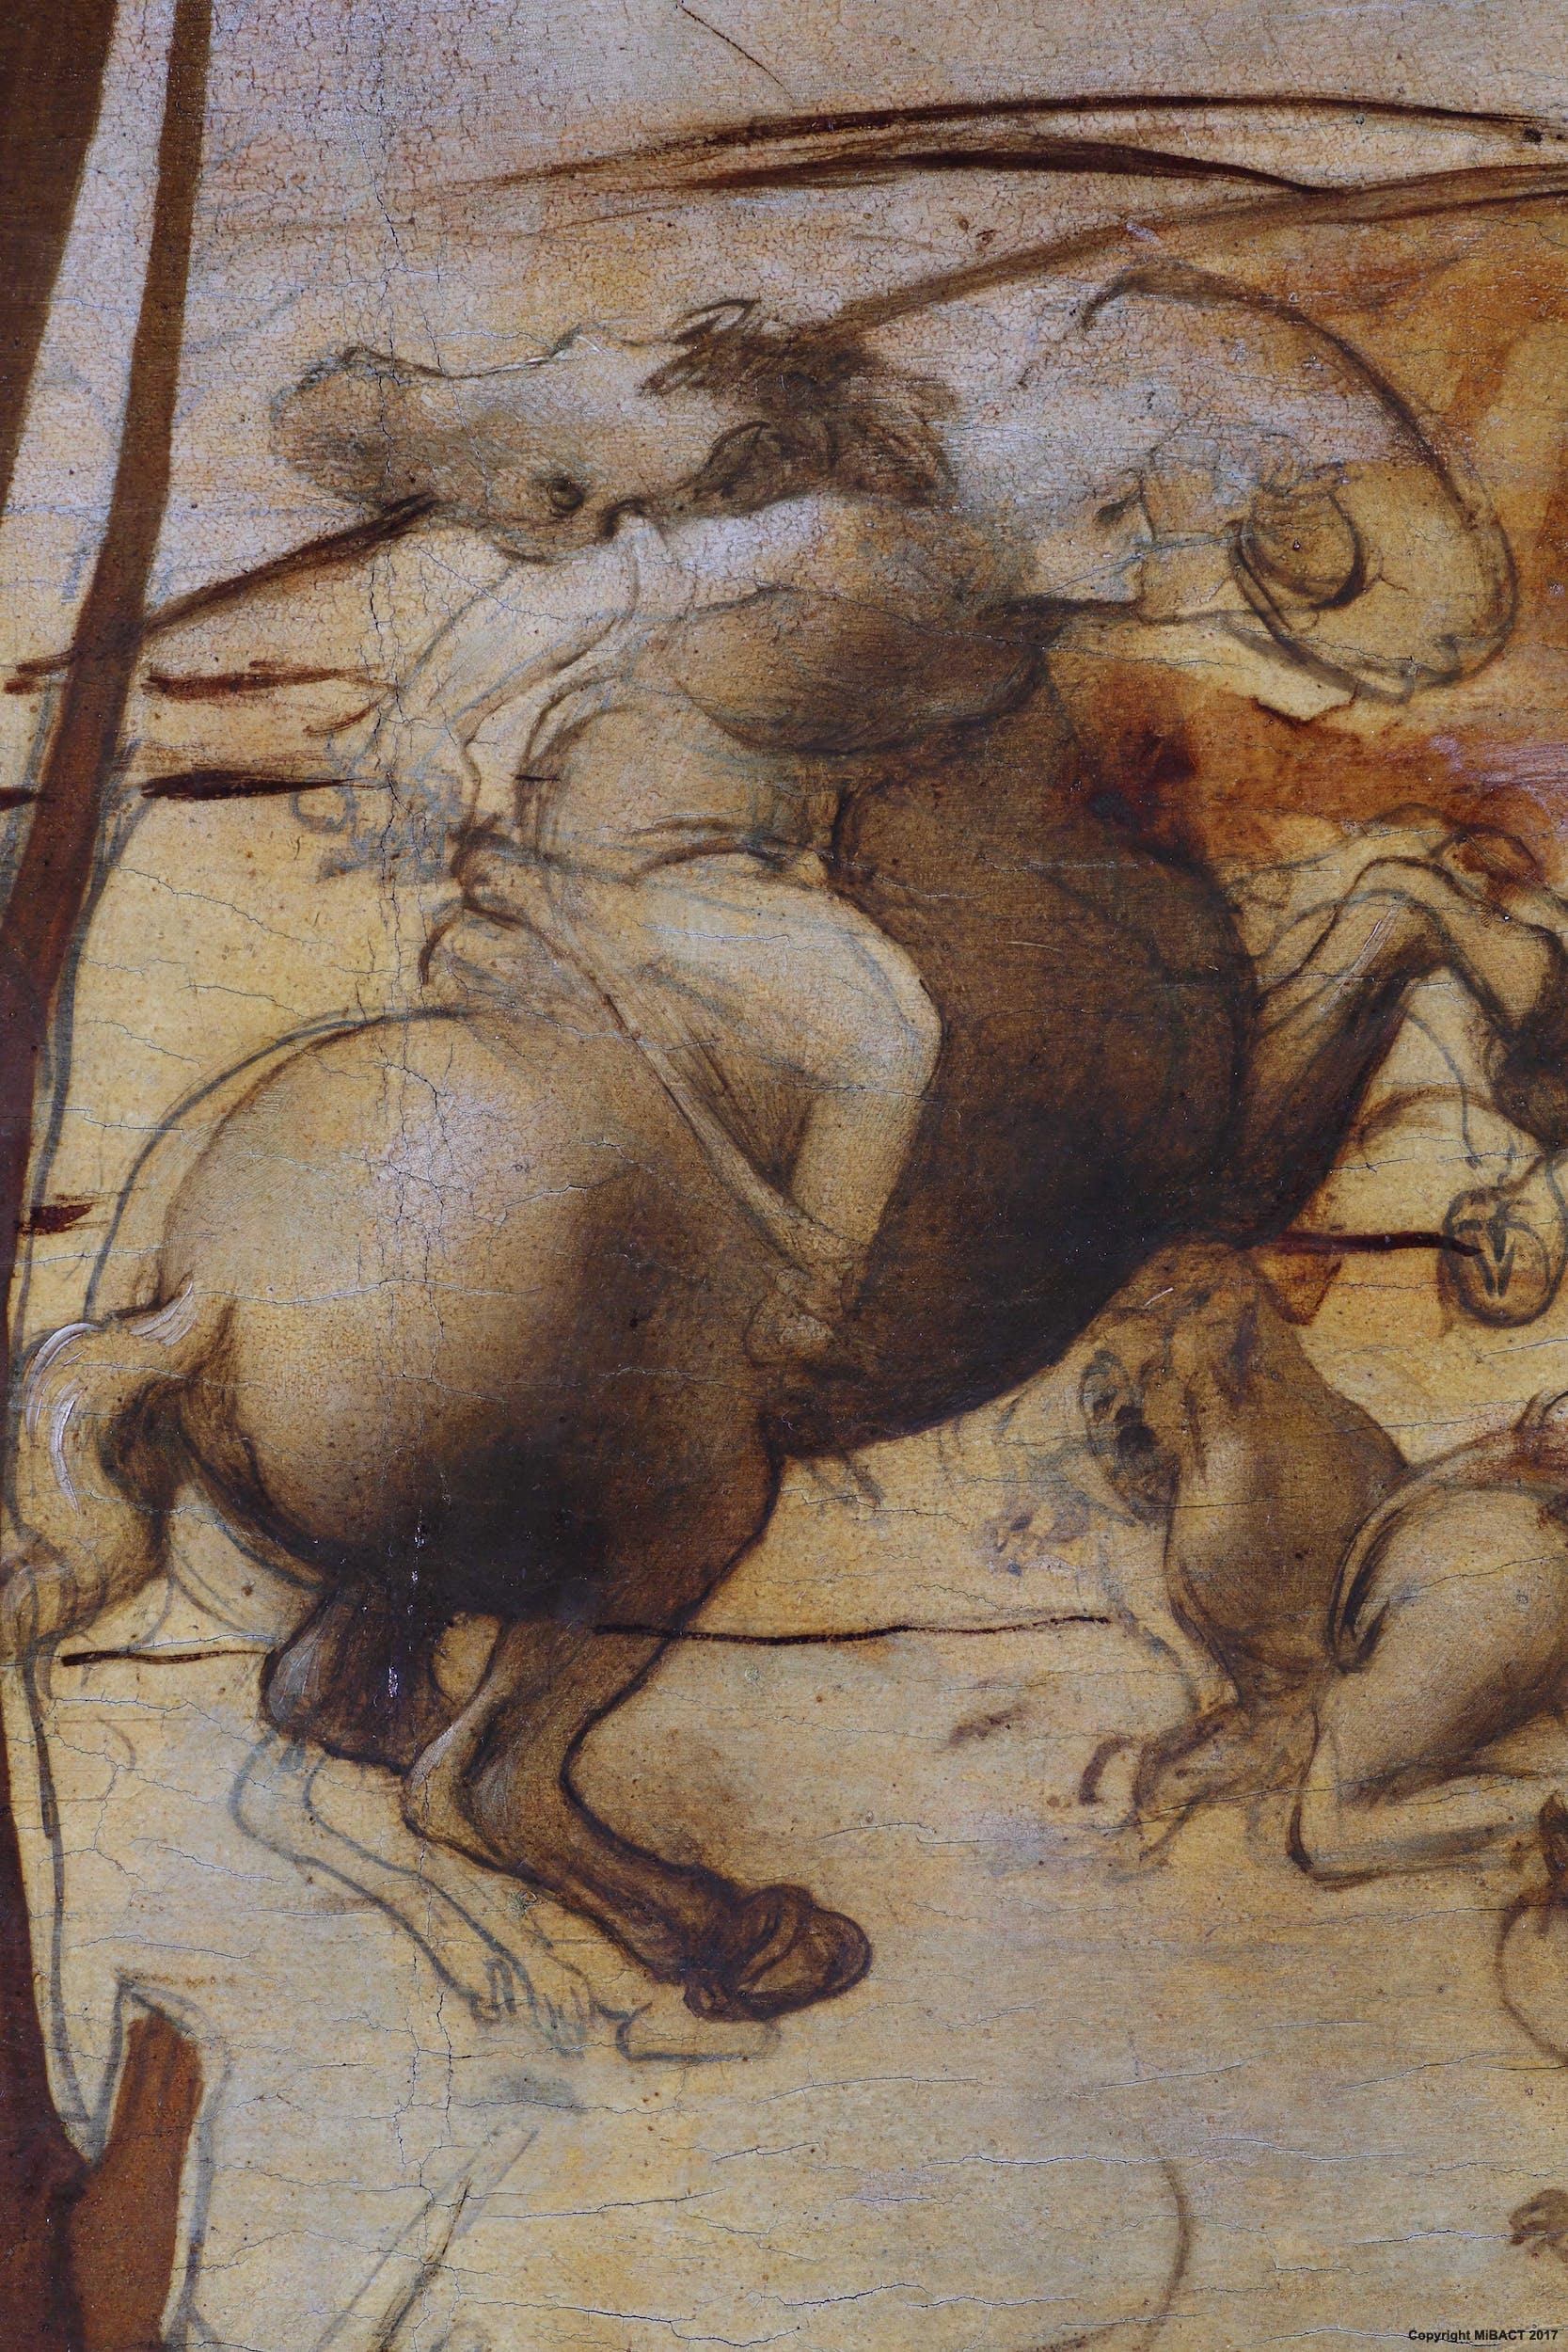 14. Leonardo da Vinci, Adorazione dei Magi, dettaglio della battaglia di cavalieri